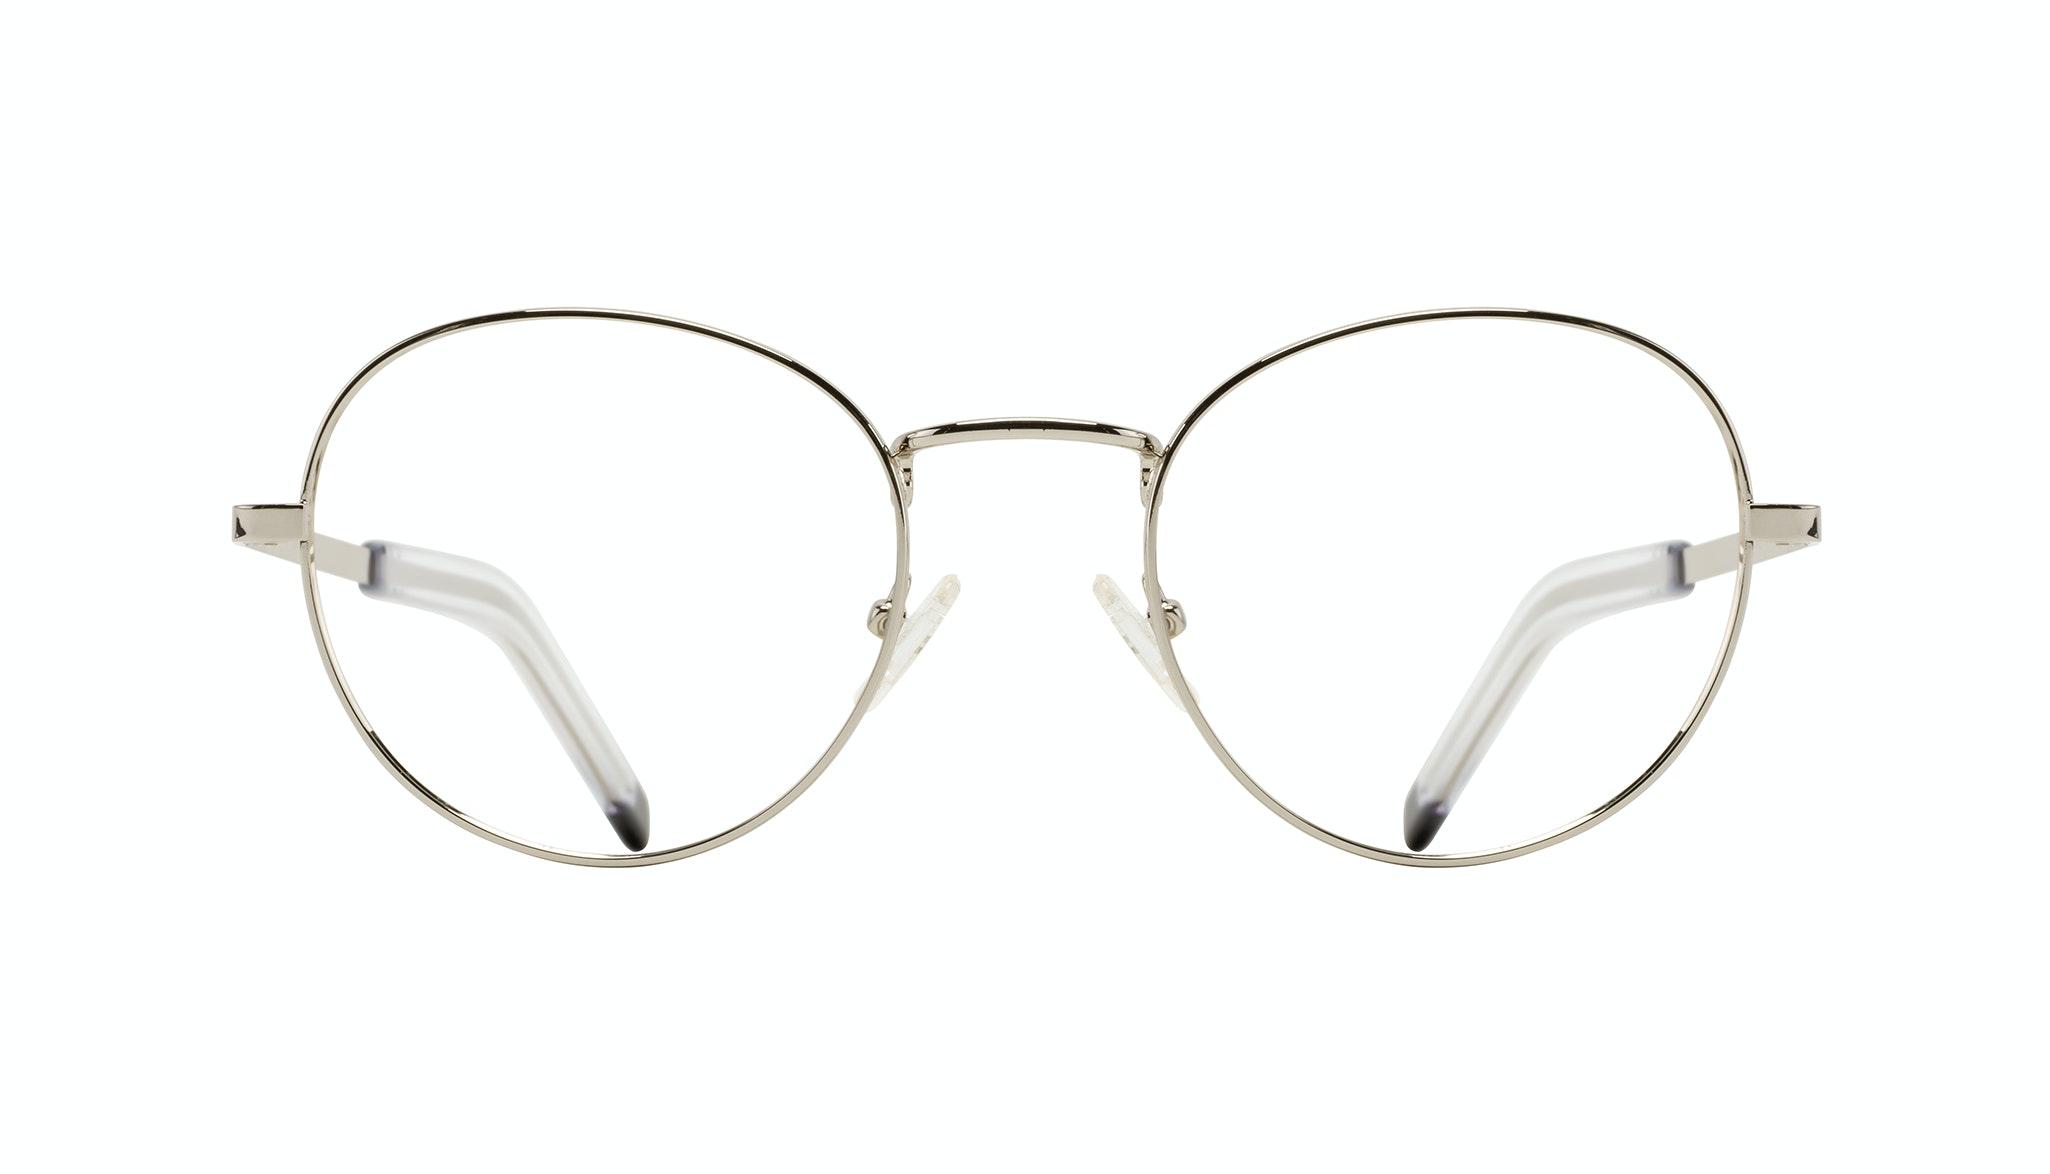 Lunettes tendance Ronde Lunettes de vue Hommes Lean XL Silver Face